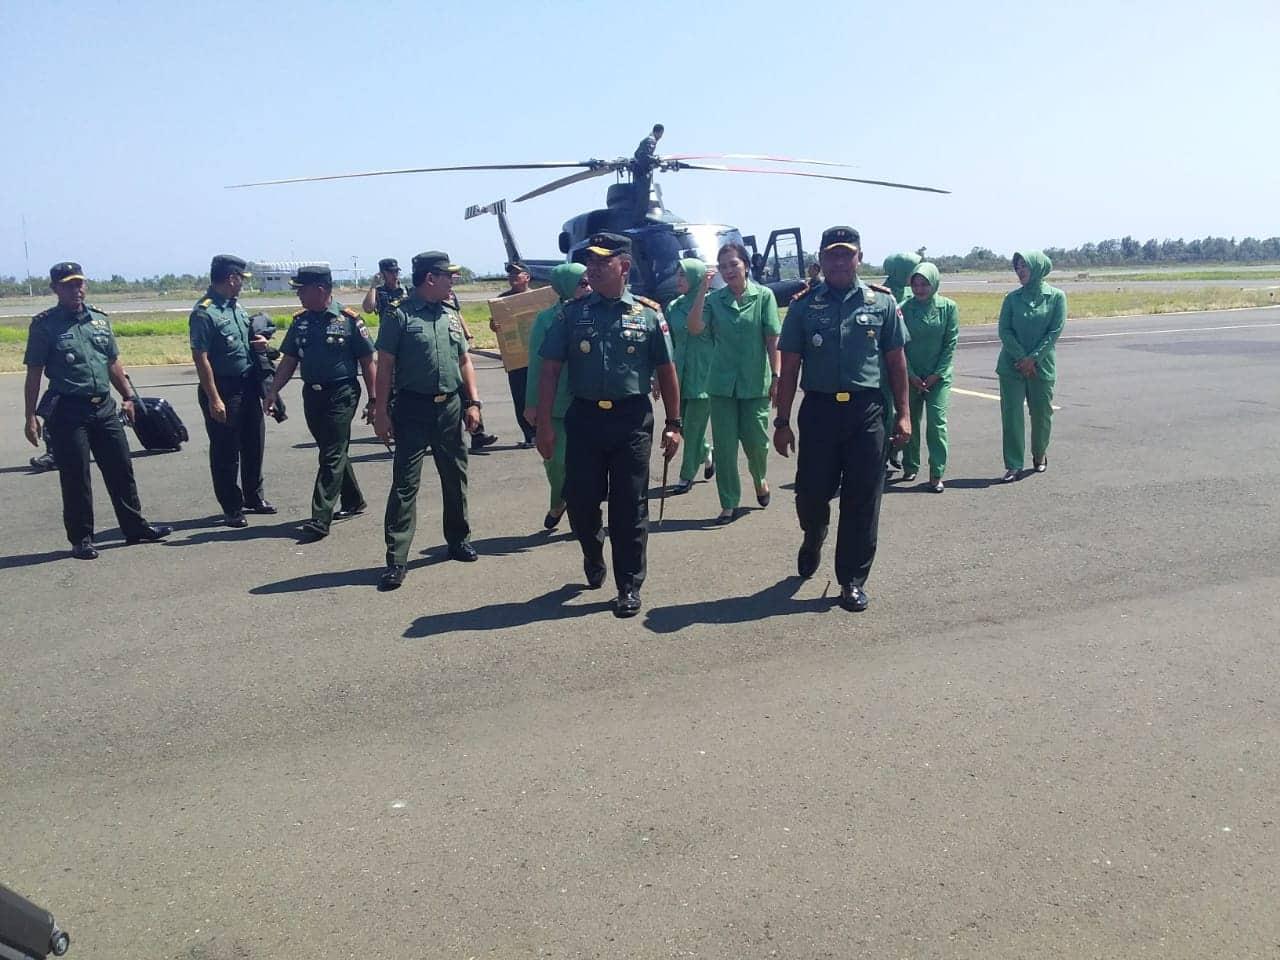 Pangdam XIV / Hasanuddin Tiba di Mamuju Gunakan Helli Milik TNI-AD jenis Ha - 5180